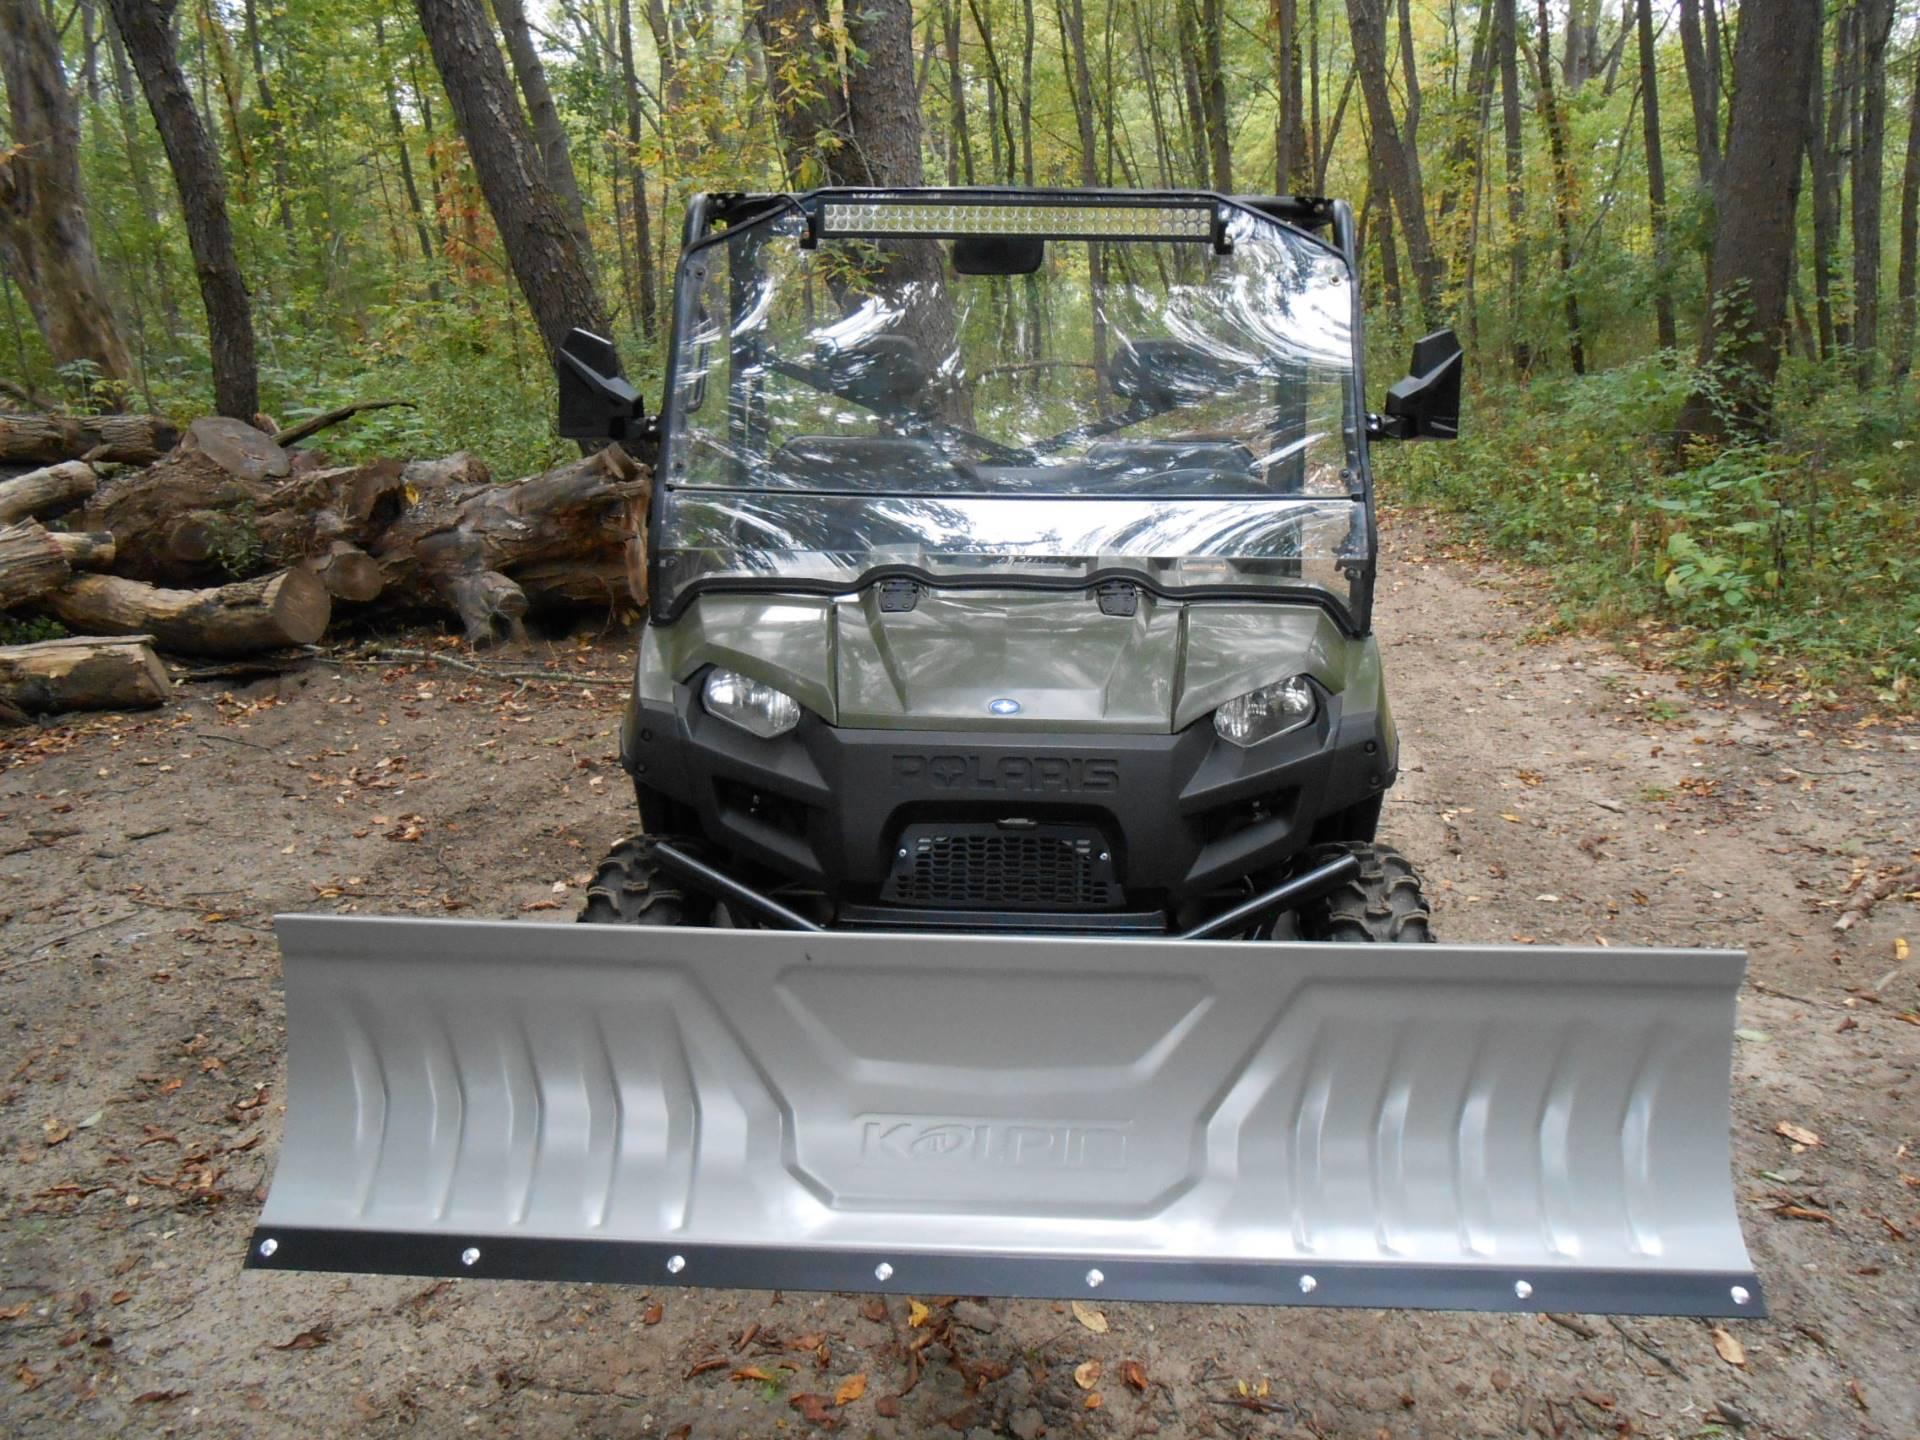 2016 Ranger570 Full Size